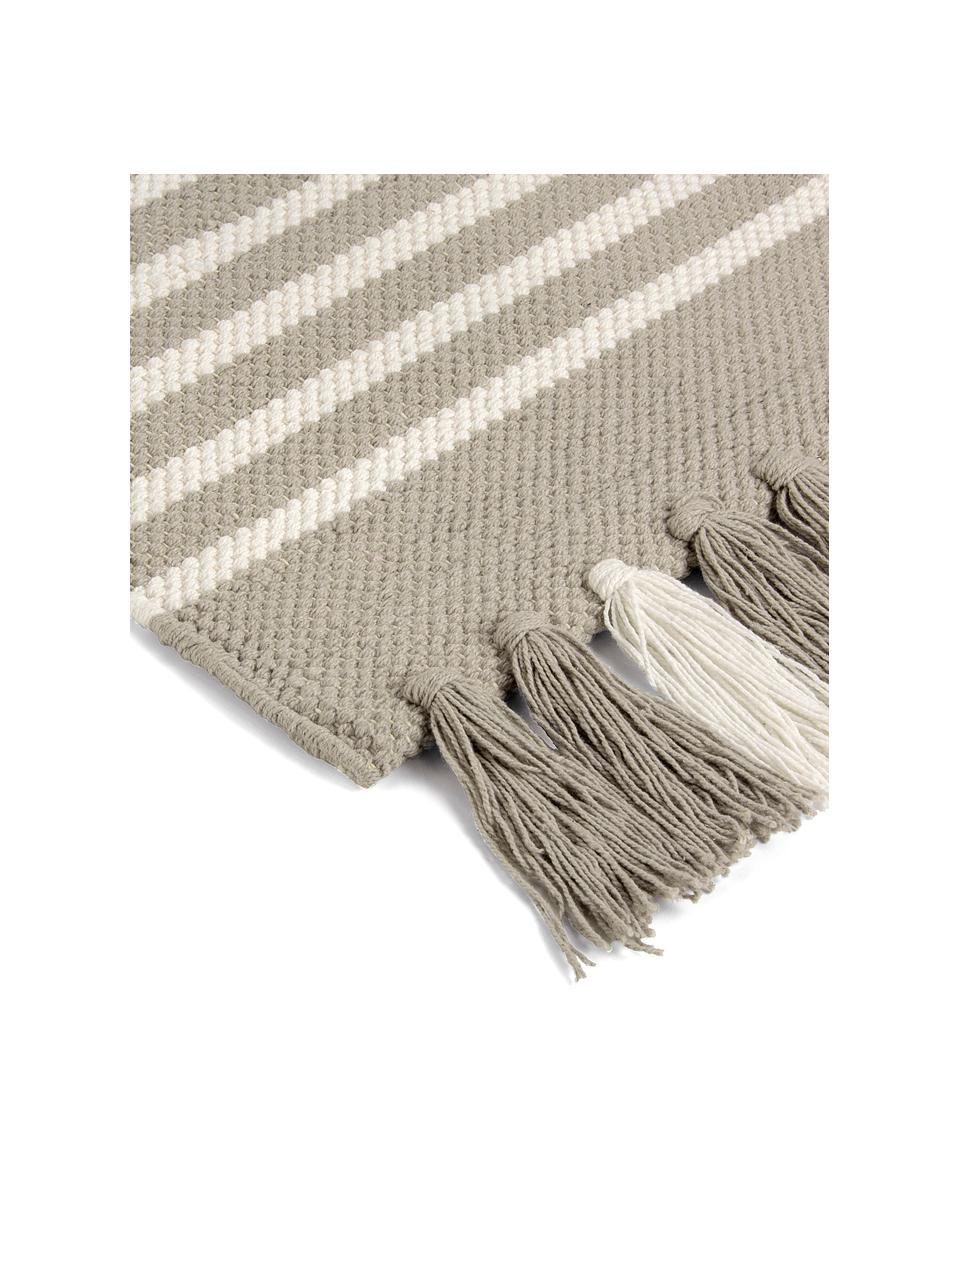 Dywanik łazienkowy z frędzlami Stripes & Structure, 100% bawełna, Beżowy, złamana biel, S 60 x D 100 cm